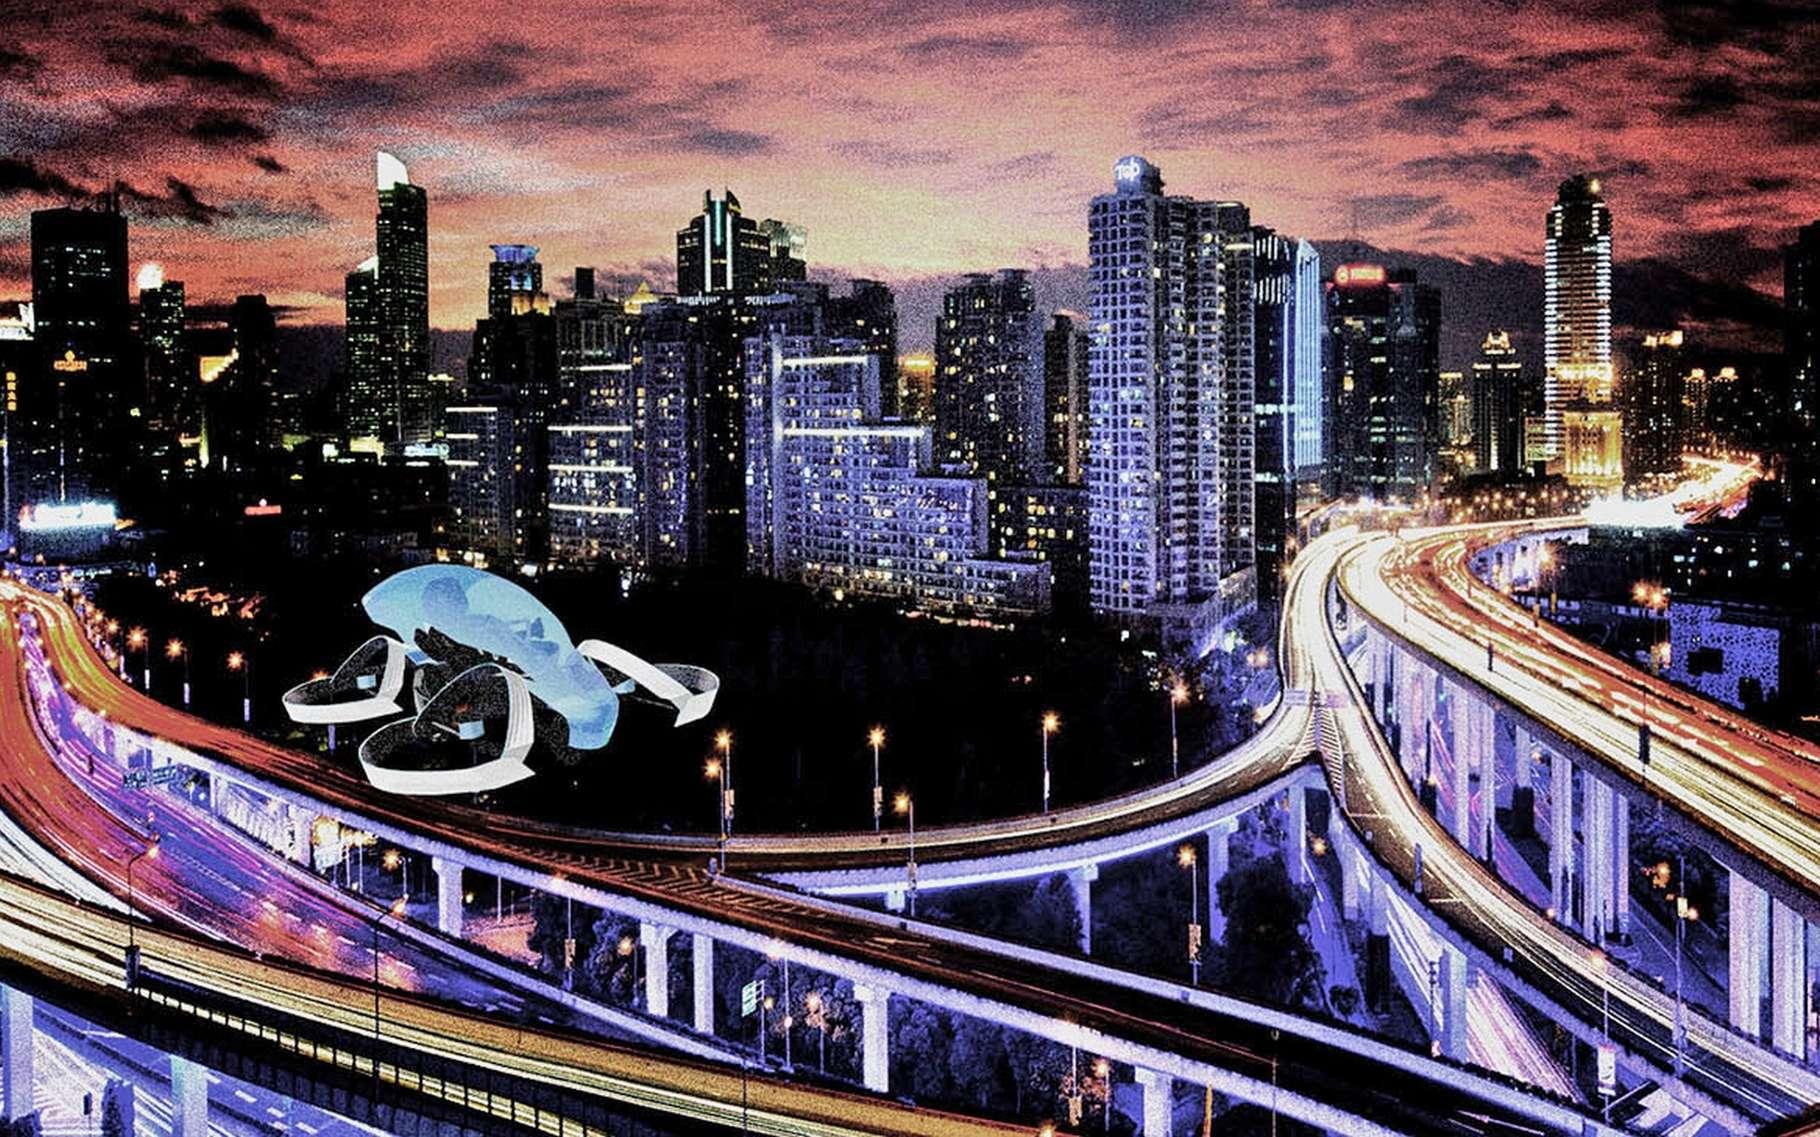 Le concept de voiture volante SkyDrive tel qu'imaginé par la start-up Cartivator. © Cartivator